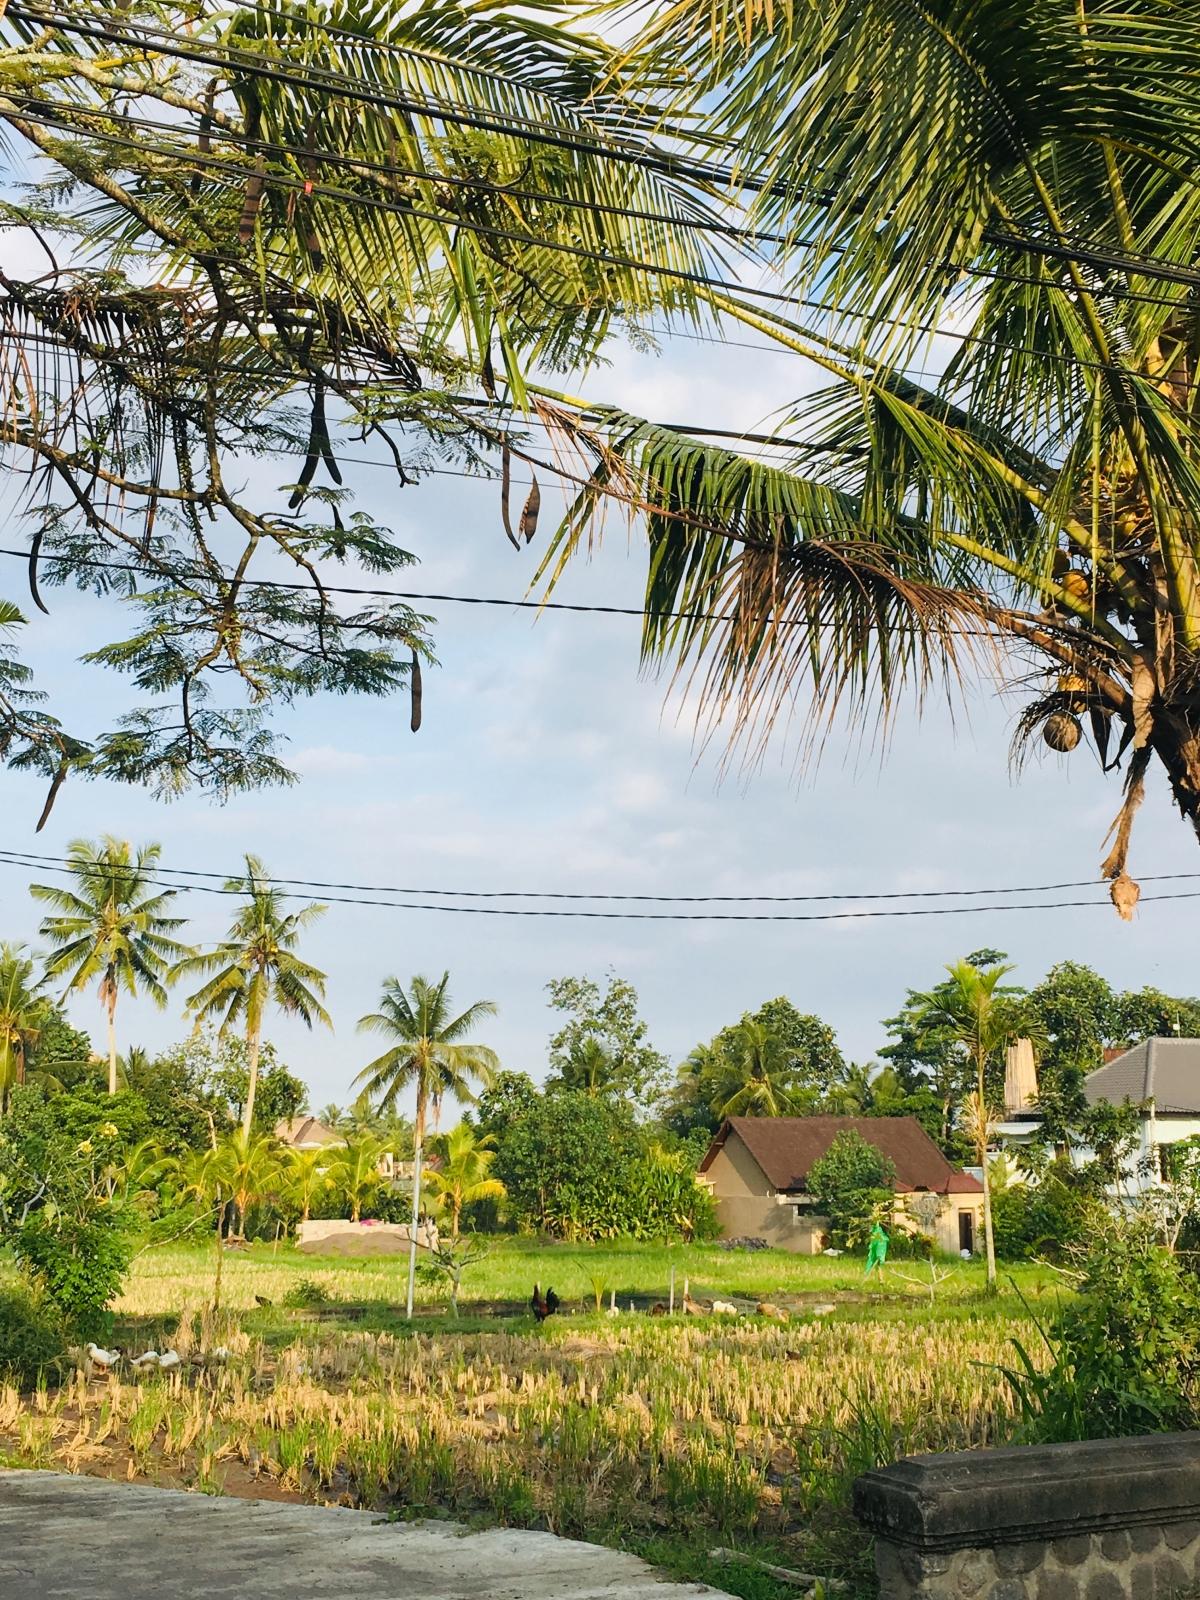 plantatii de orez